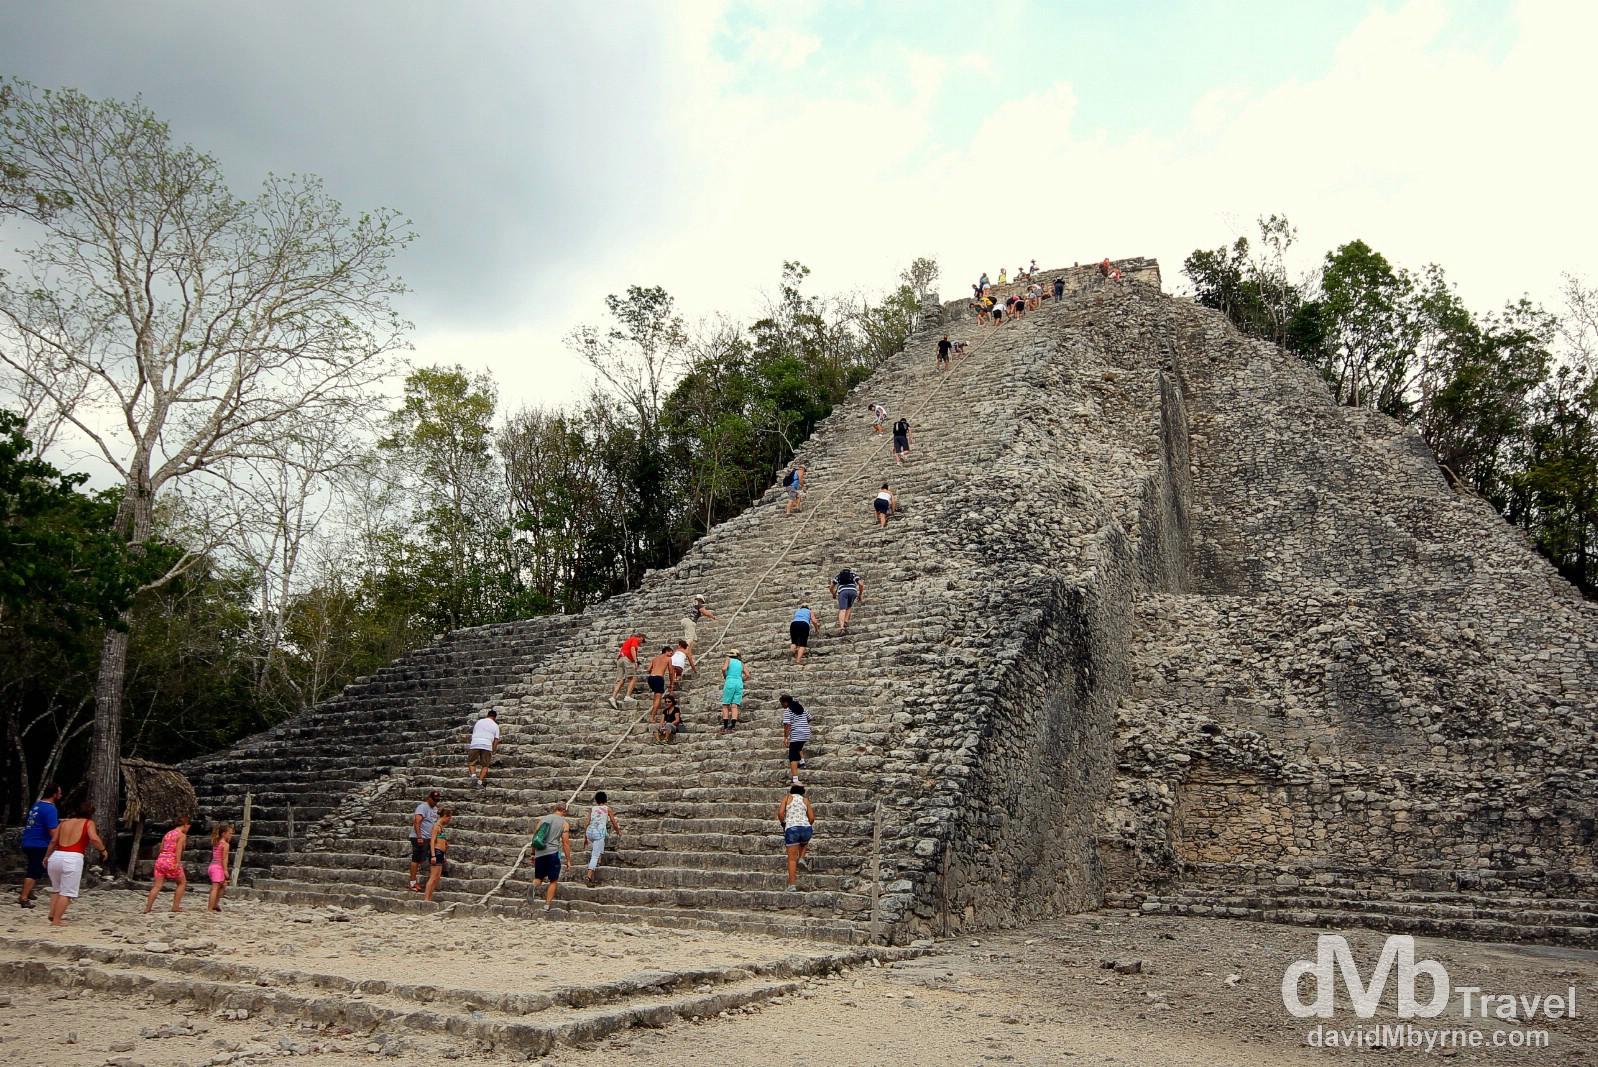 Climbing the Nohoch Mul (Big Mound), or Great Pyramid, at the Coba Mayan ruins, Yucatan Peninsula, Mexico. May 7th 2013.